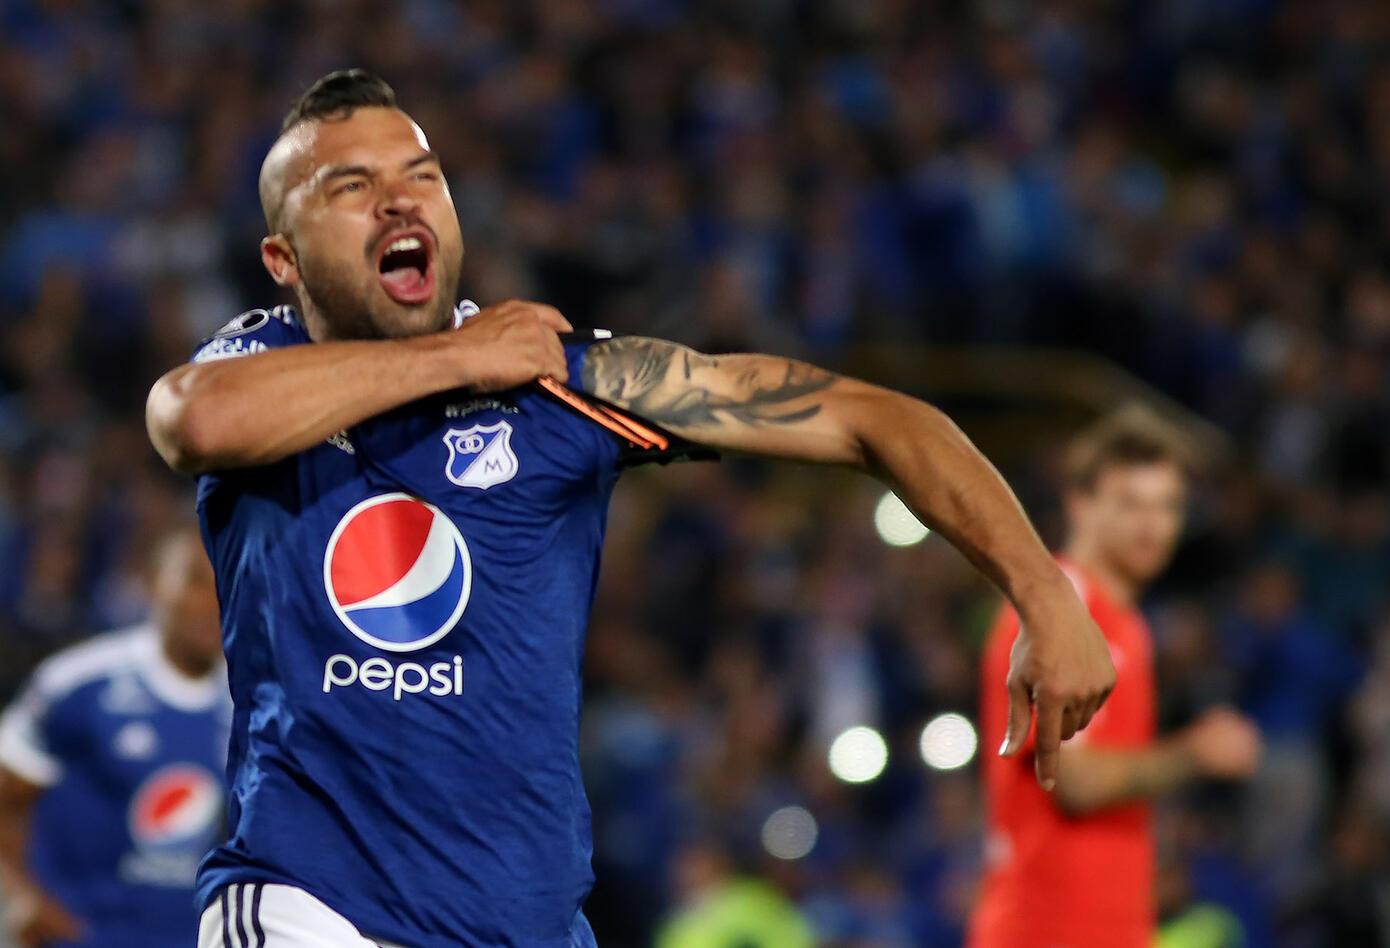 Millonarios Vs. Independiente